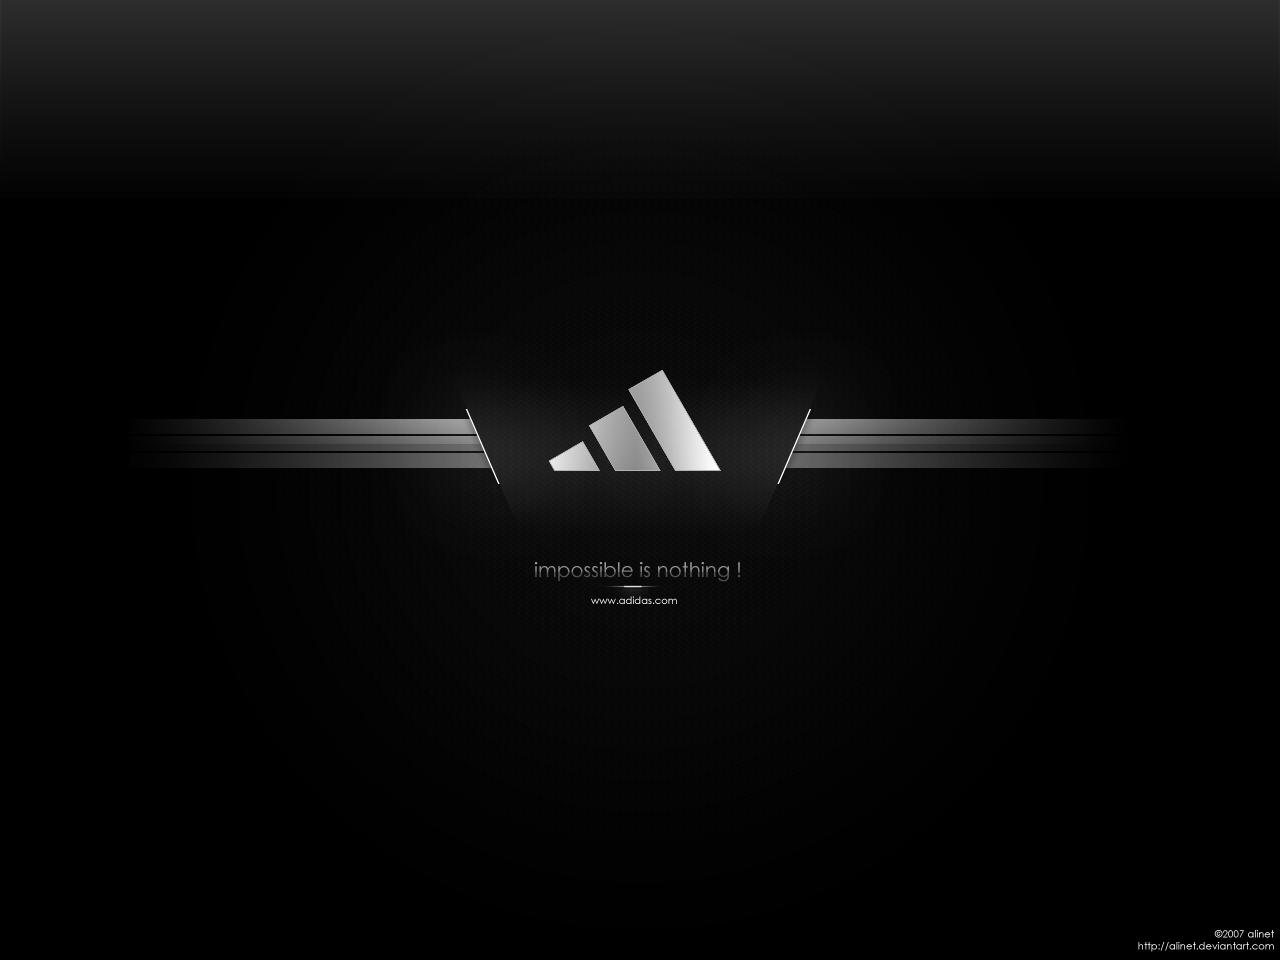 http://2.bp.blogspot.com/-598IJgvcpNw/TcW_q3P-7DI/AAAAAAAAA-I/ZLaDKFDyfdg/s1600/adidas.png